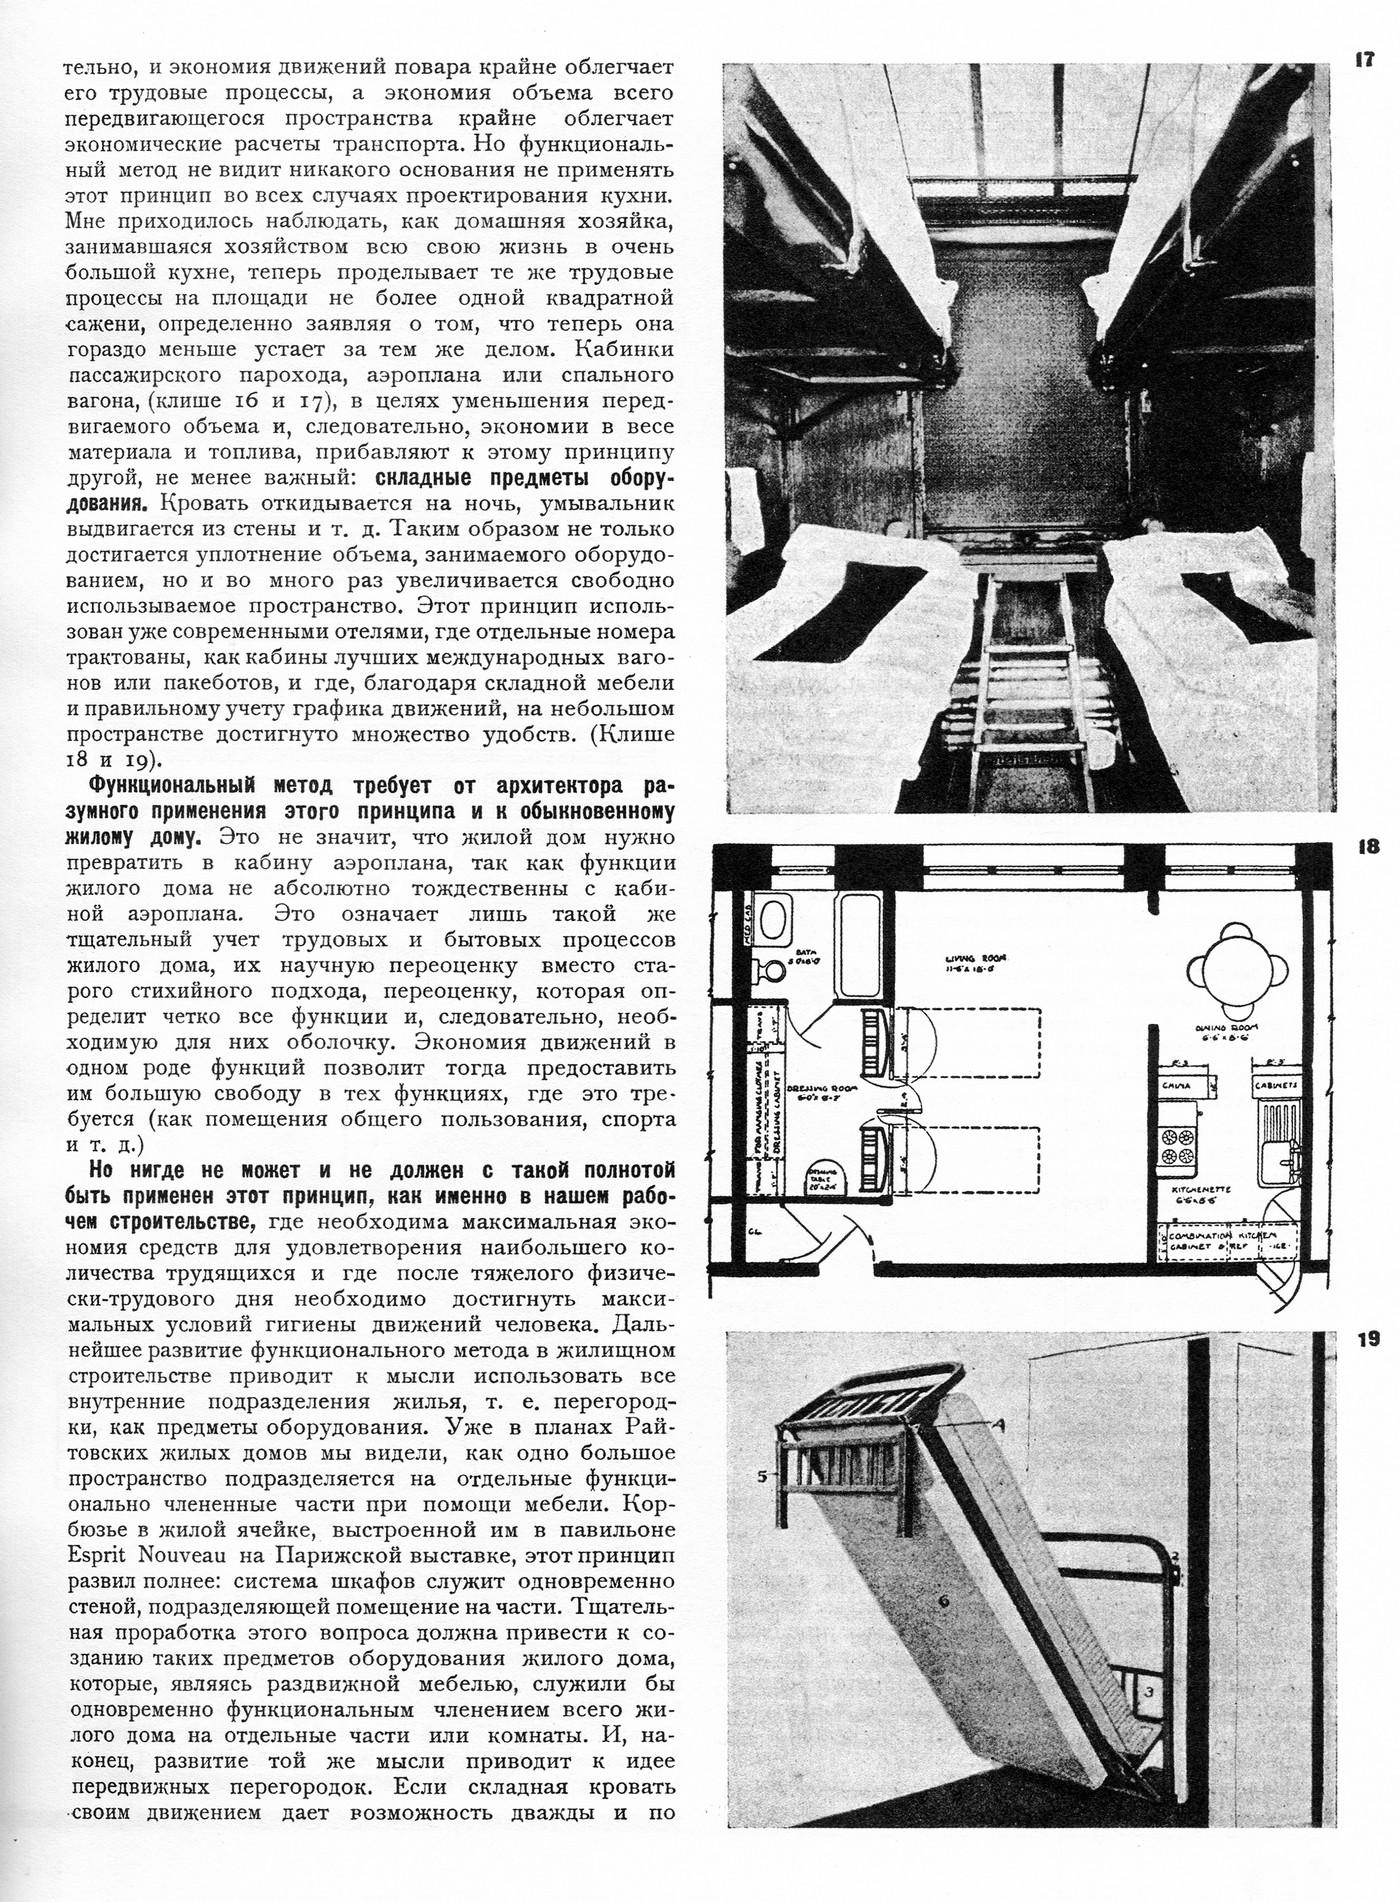 tehne.com-1927-1-013